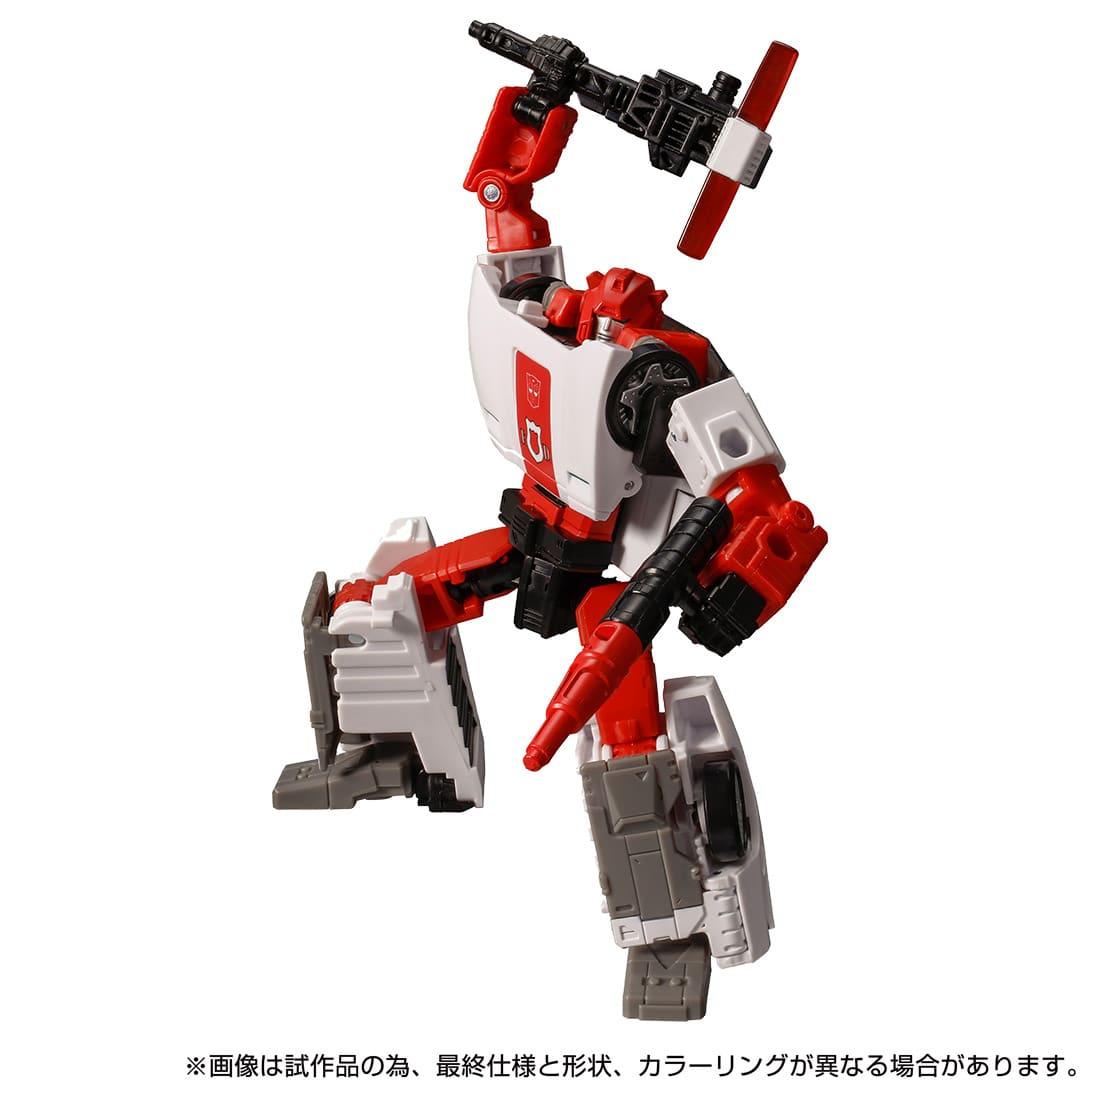 トランスフォーマー キングダム『KD-18 レッドアラート』可変可動フィギュア-006